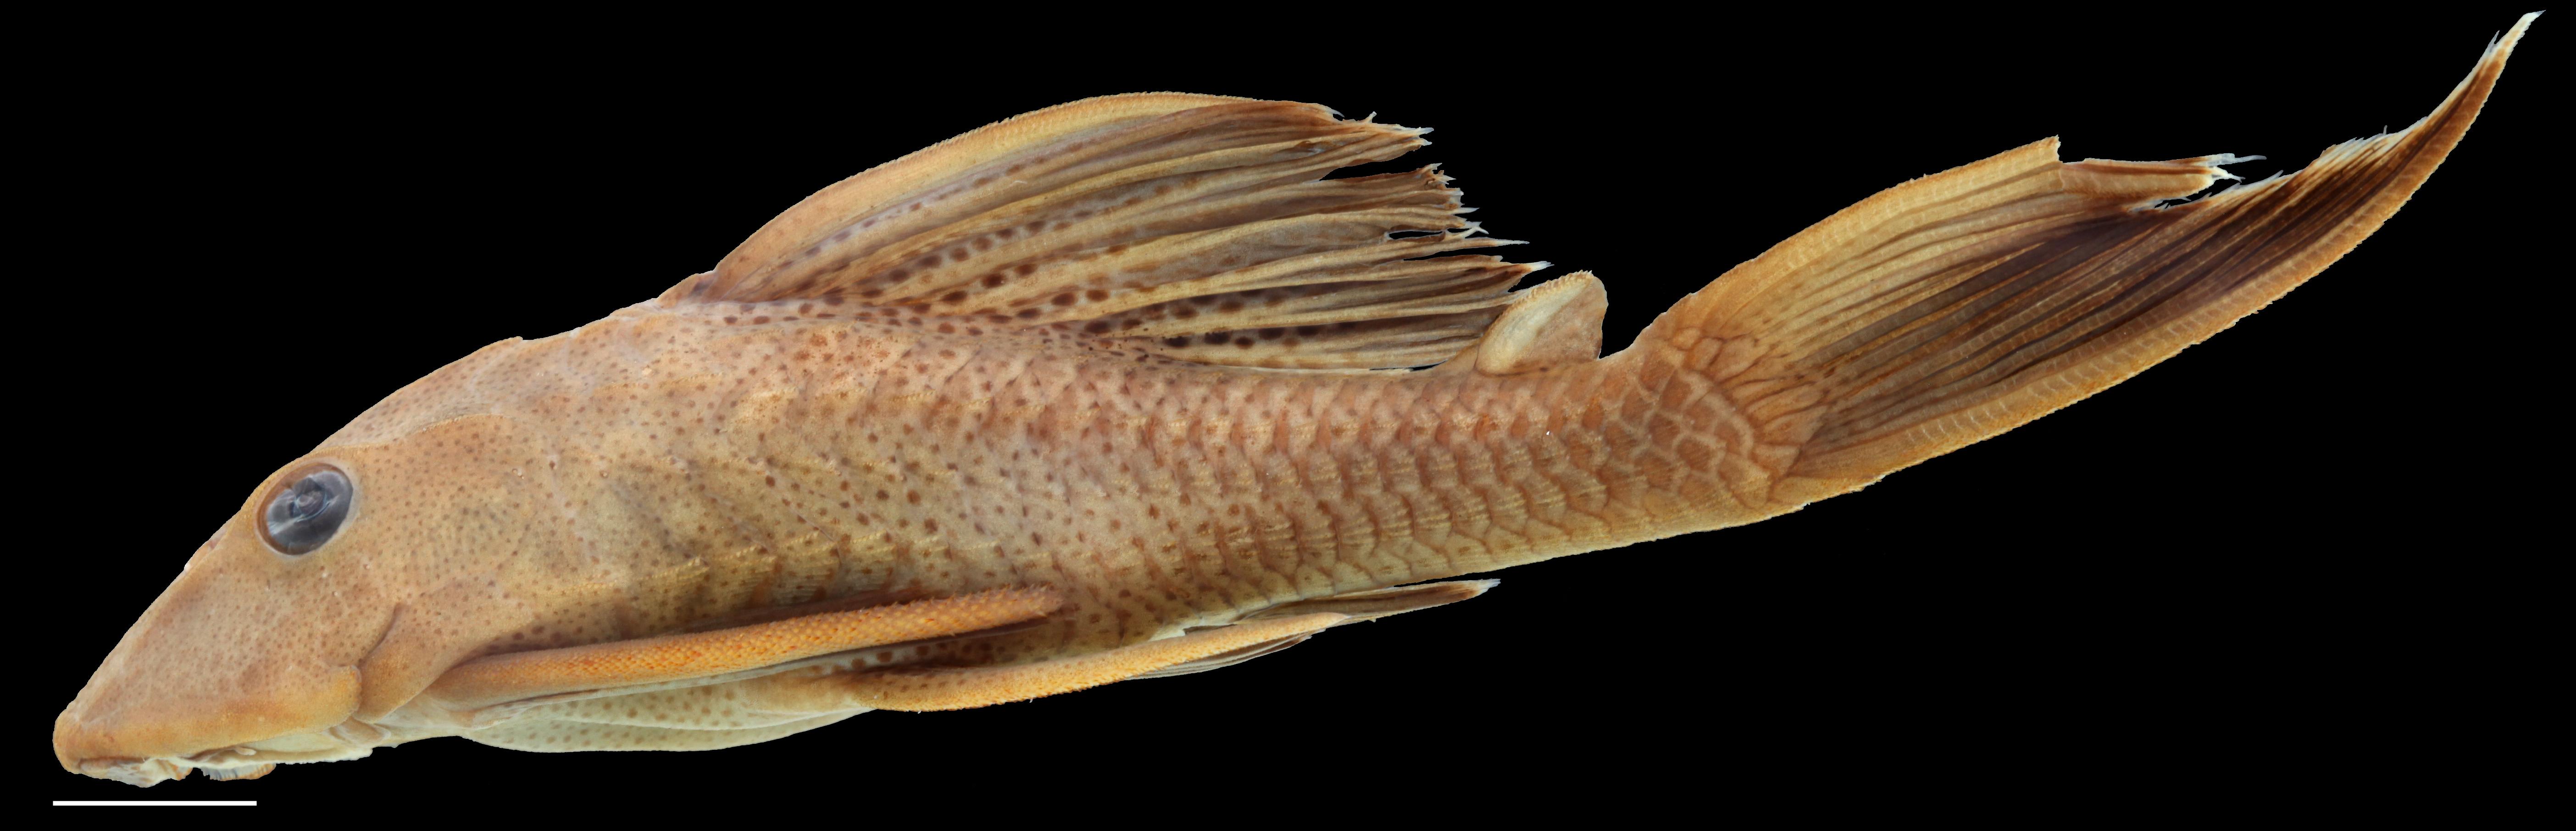 Paratípo de <em>Hypostomus rhantos</em> IAvH-P-13958_Lateral, 87.7 mm SL (scale bar = 1 cm). Photograph by C. DoNascimiento